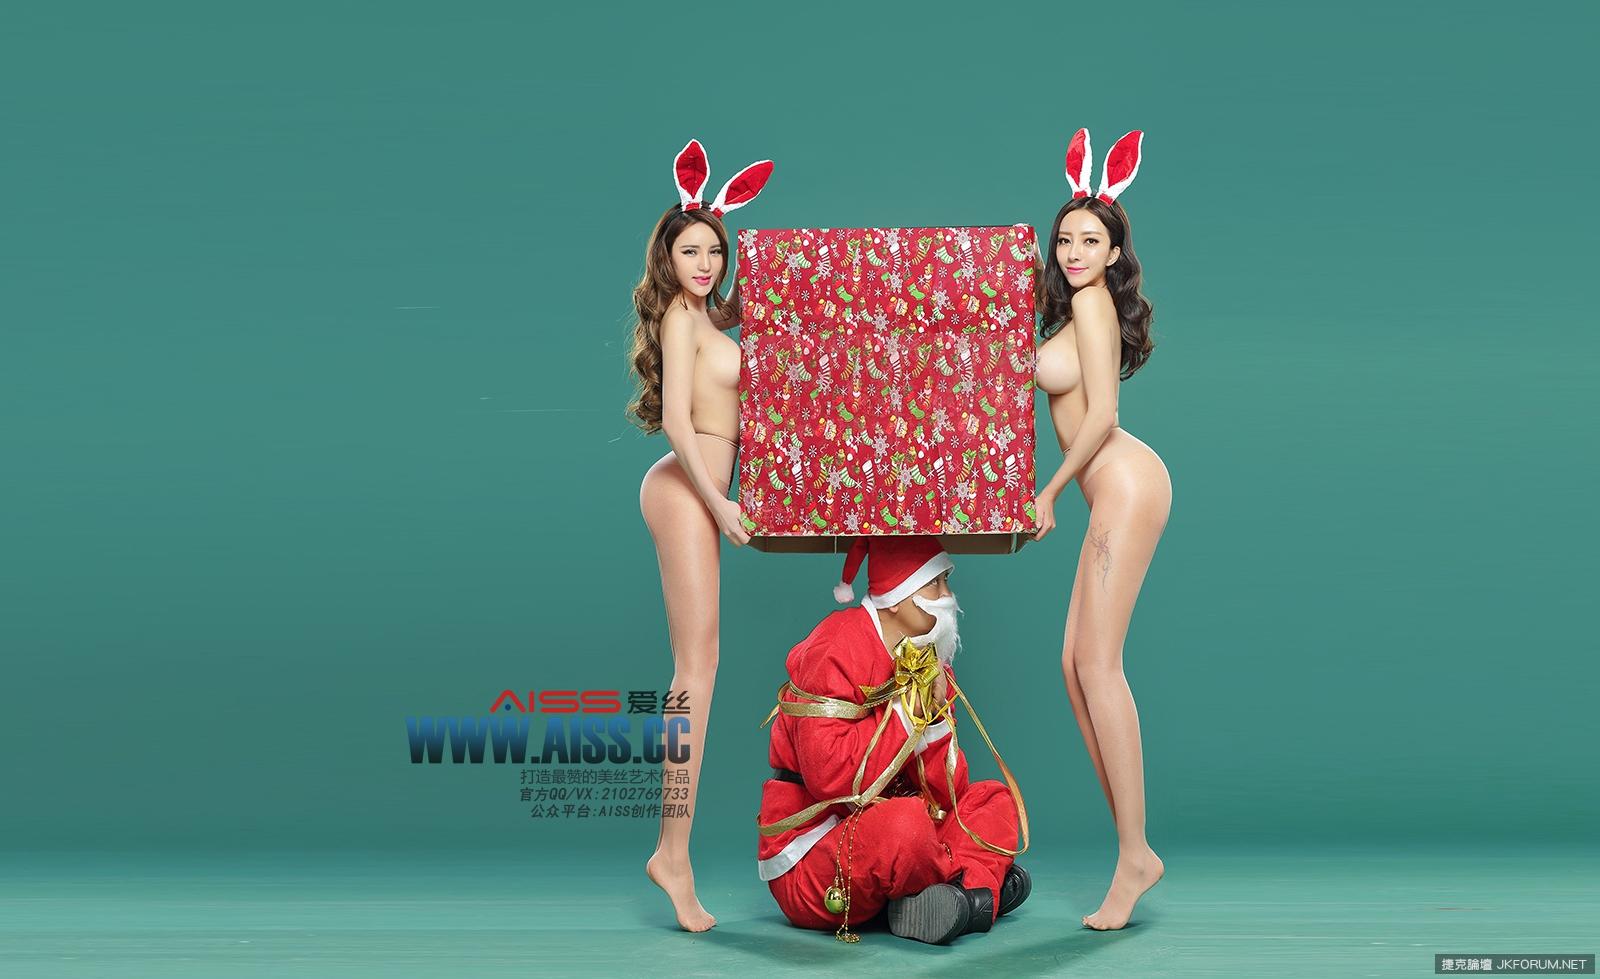 聖誕狂歡 (01).jpg